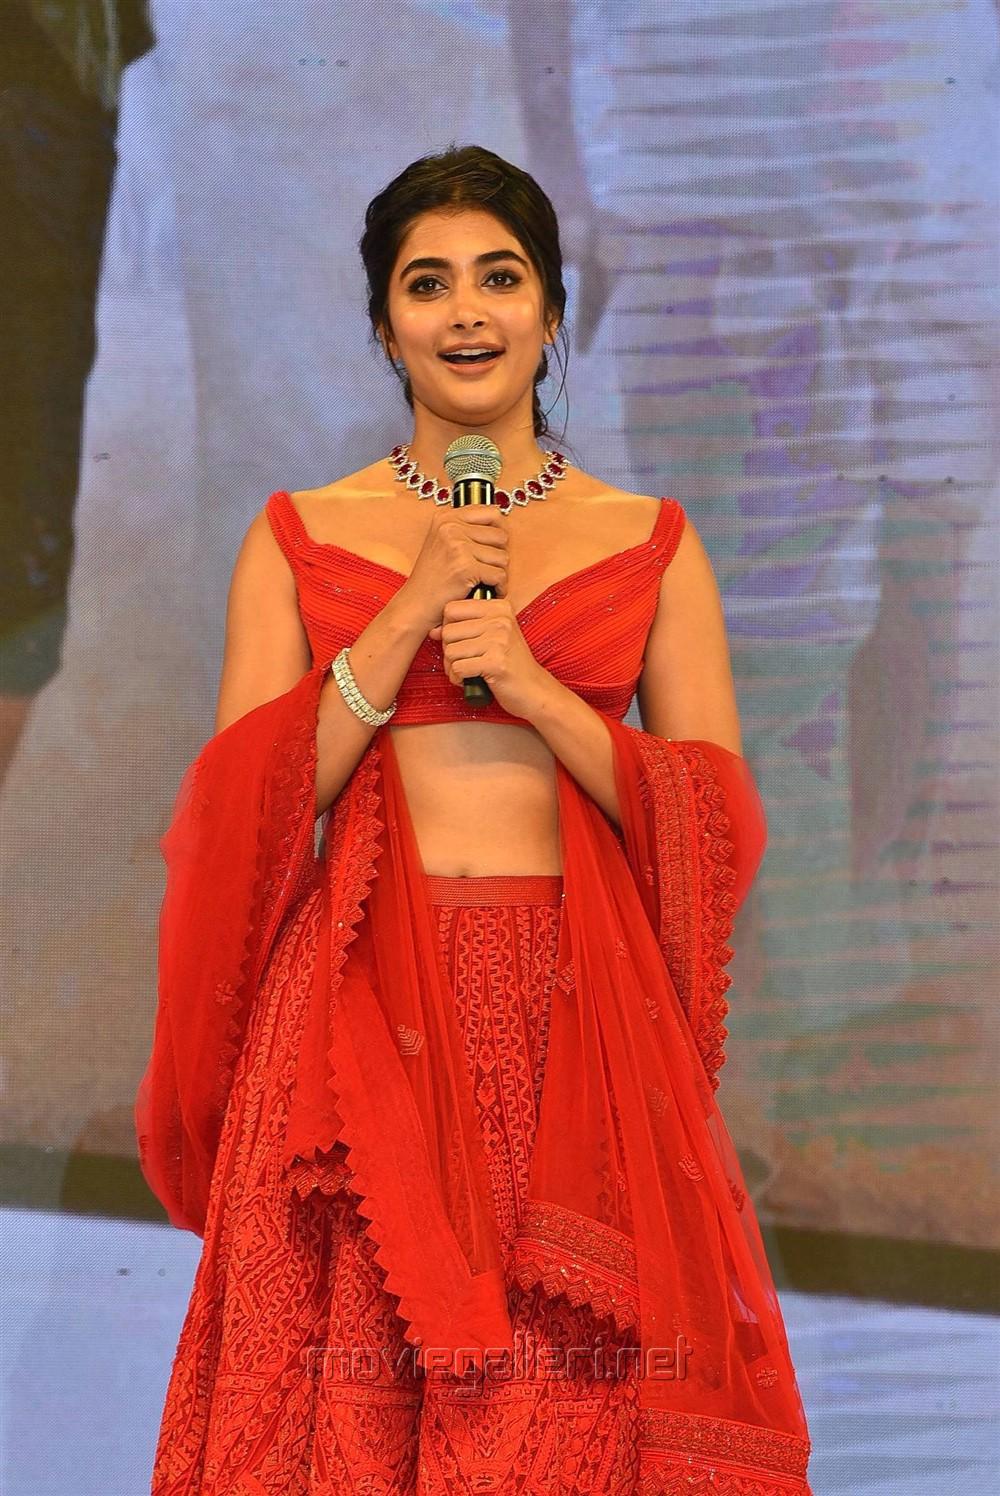 Maharshi Actress Pooja Hegde Pics in Red Dress